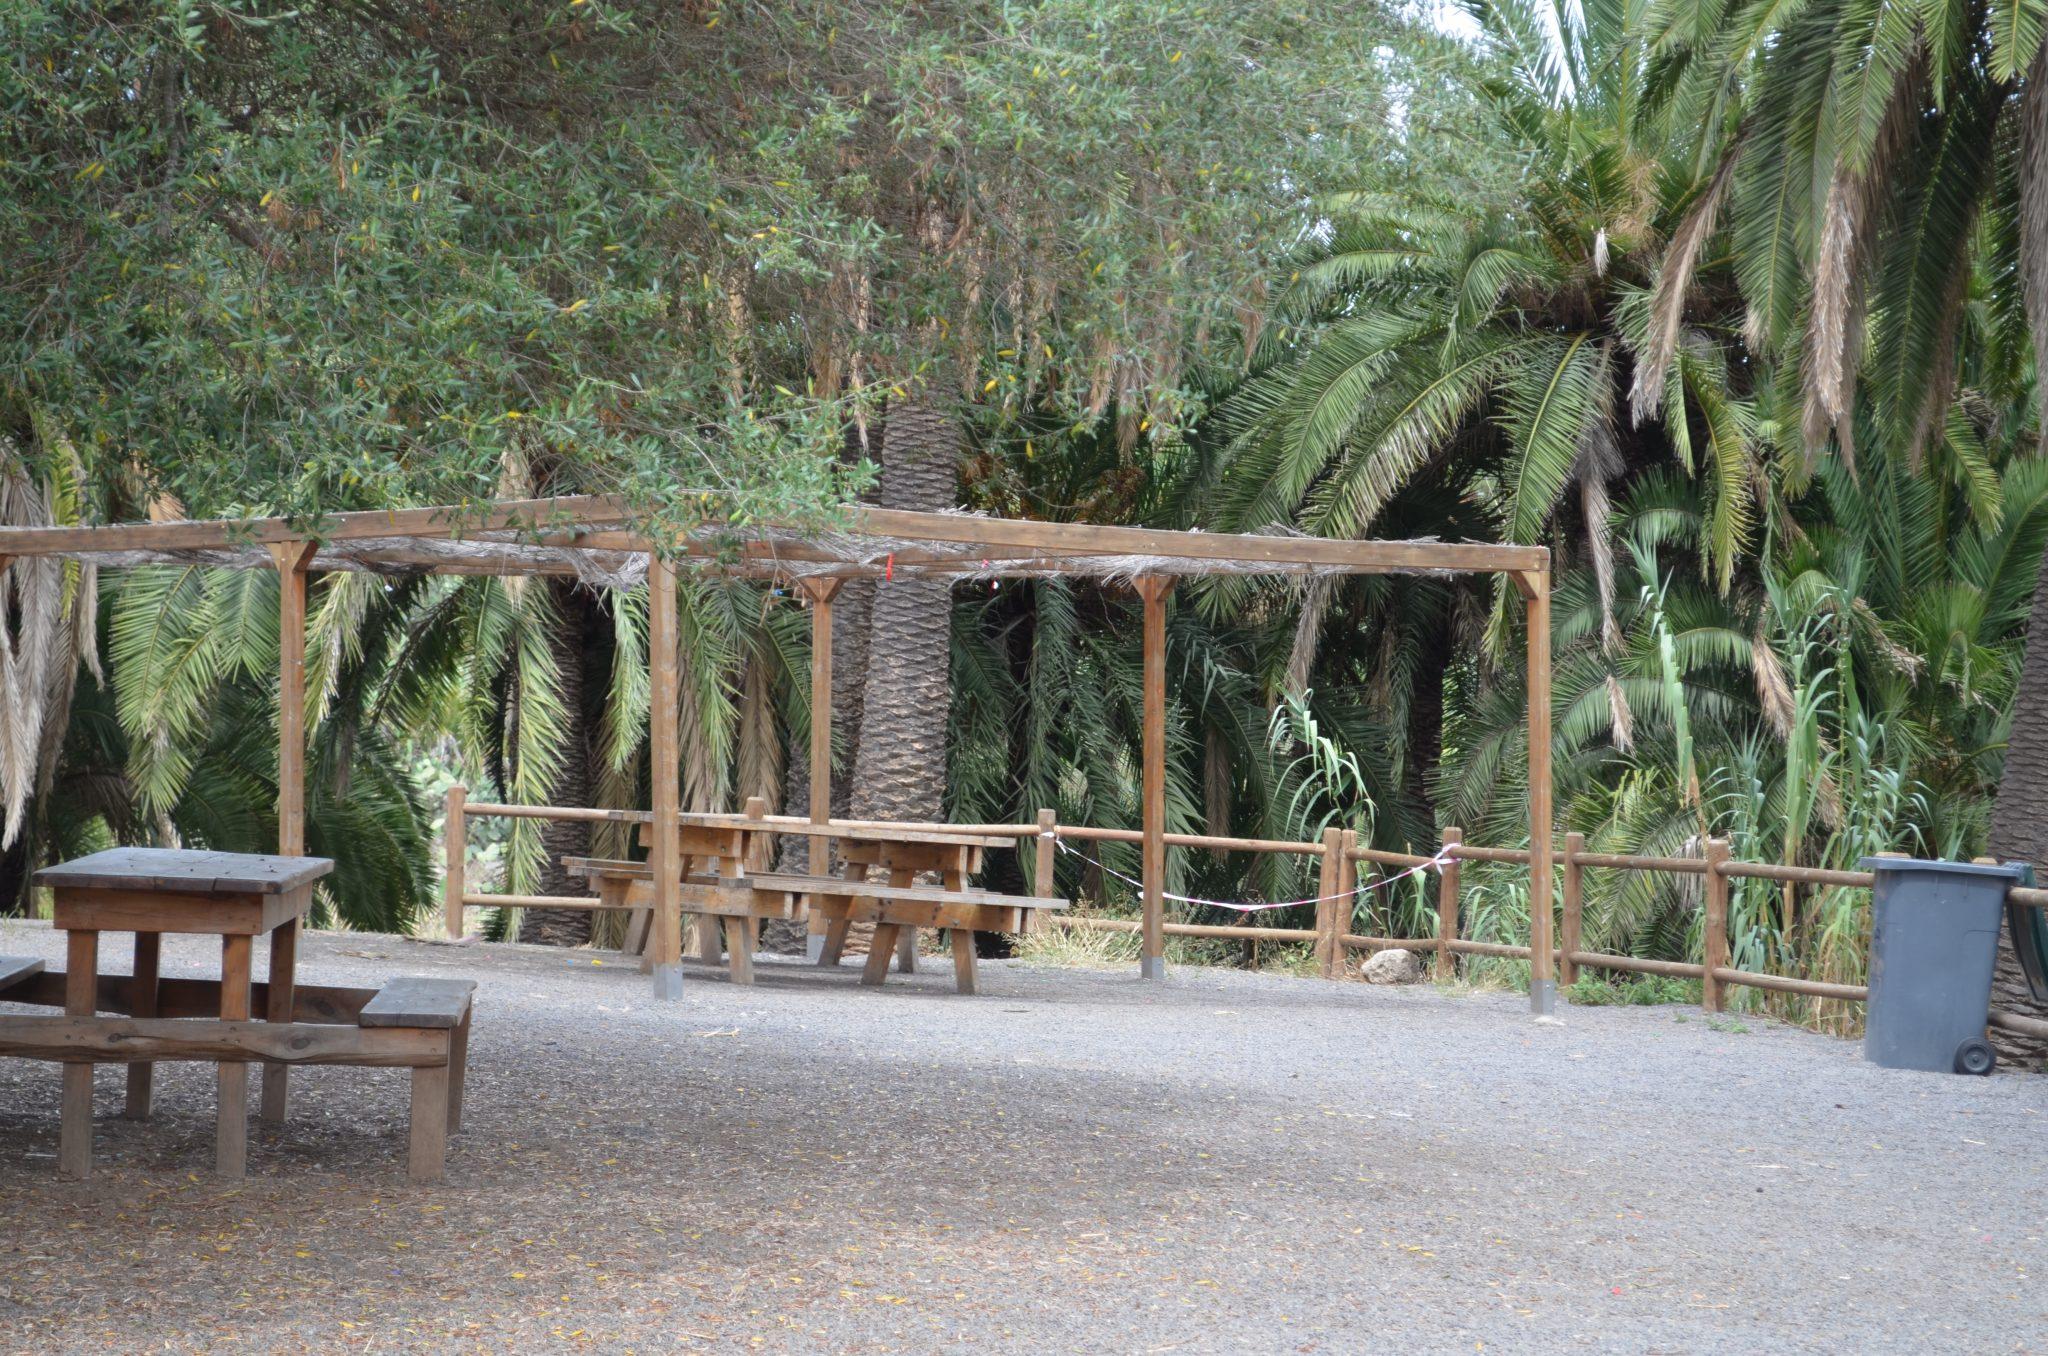 Parque_agroperario0228